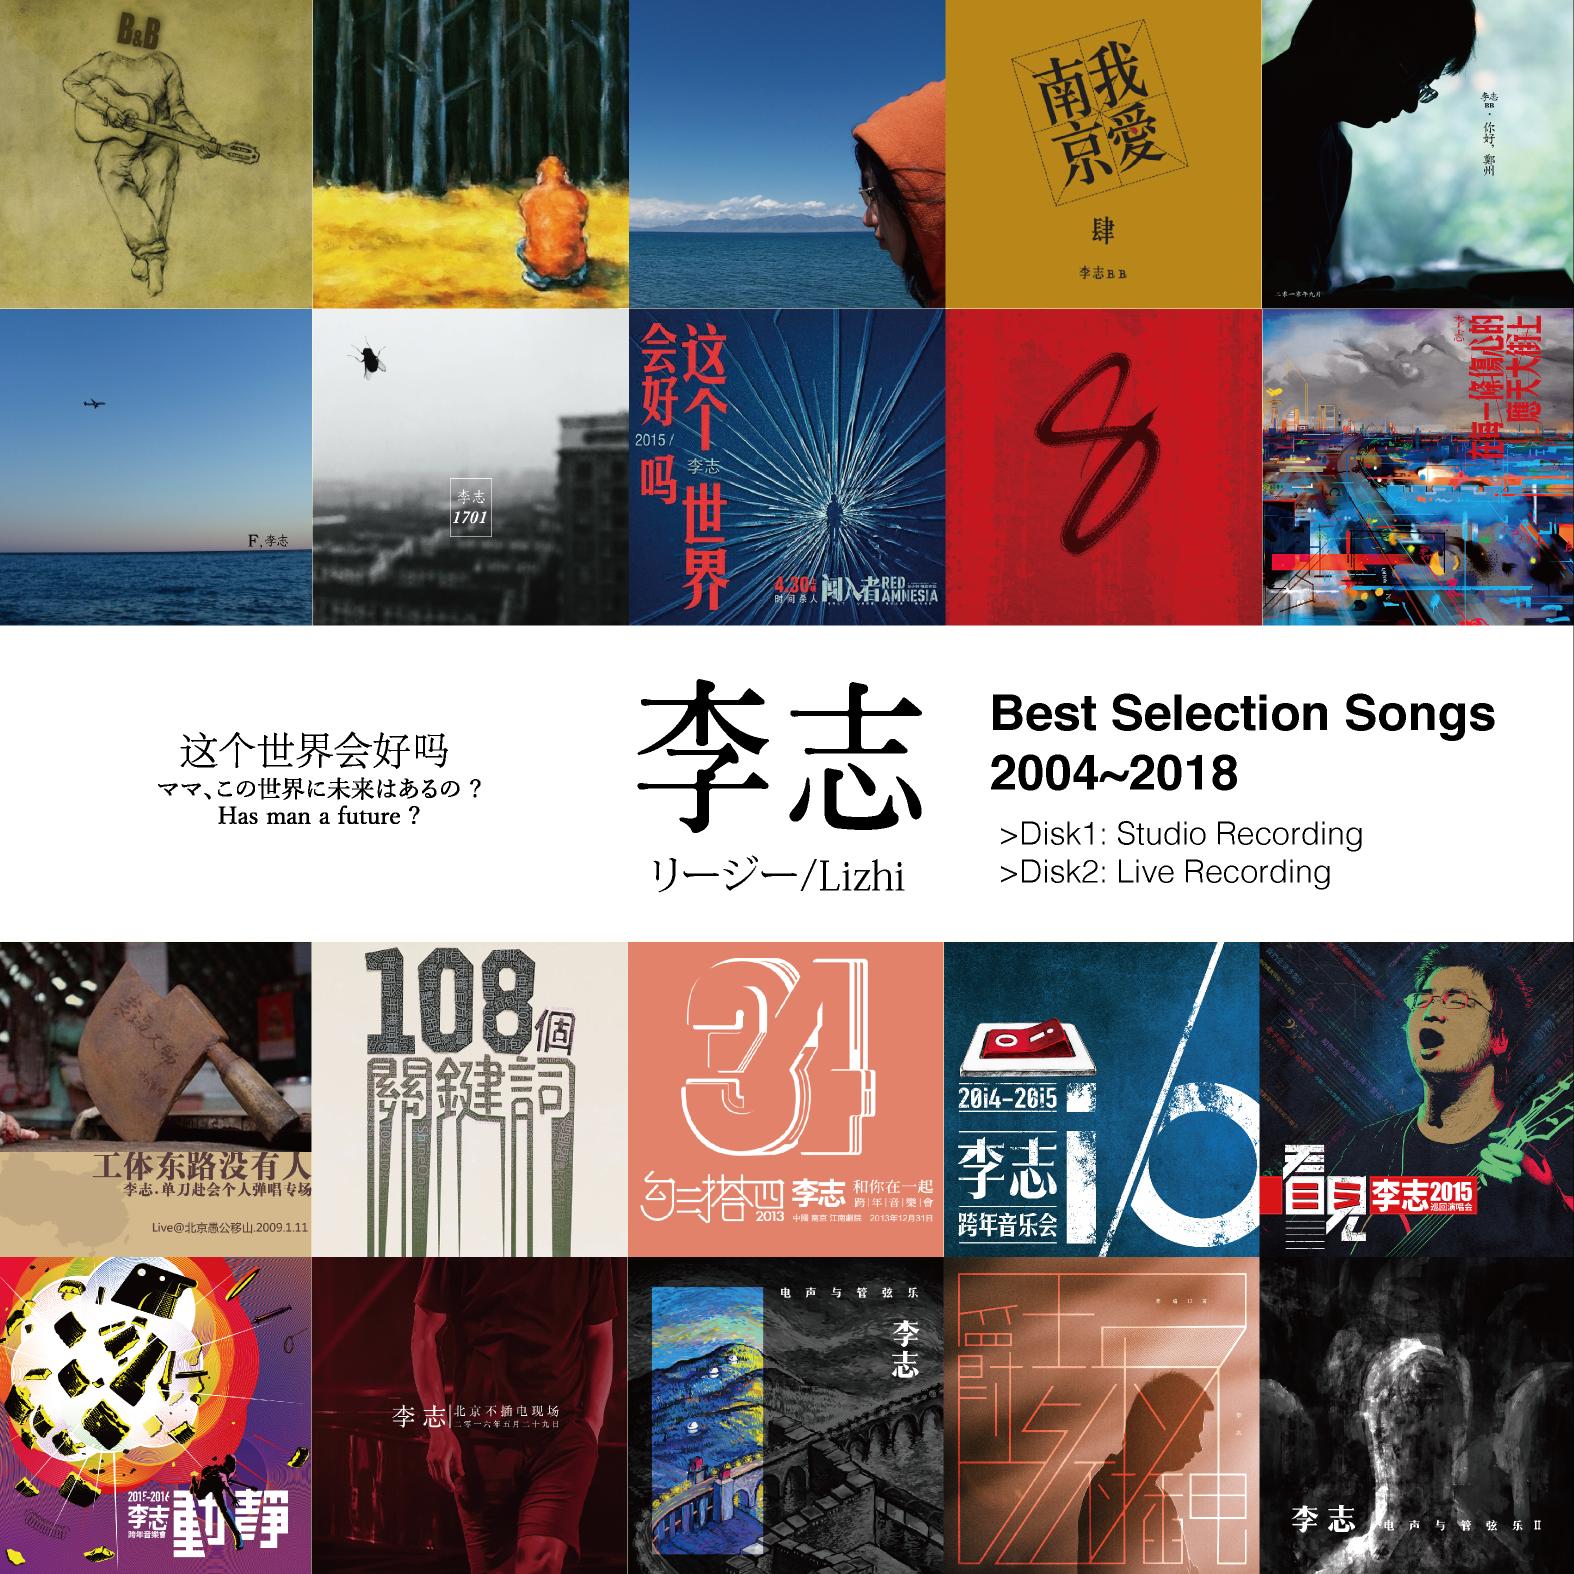 """089_李志 (Lizhi) """"Best Selection Songs 2004-2018"""""""